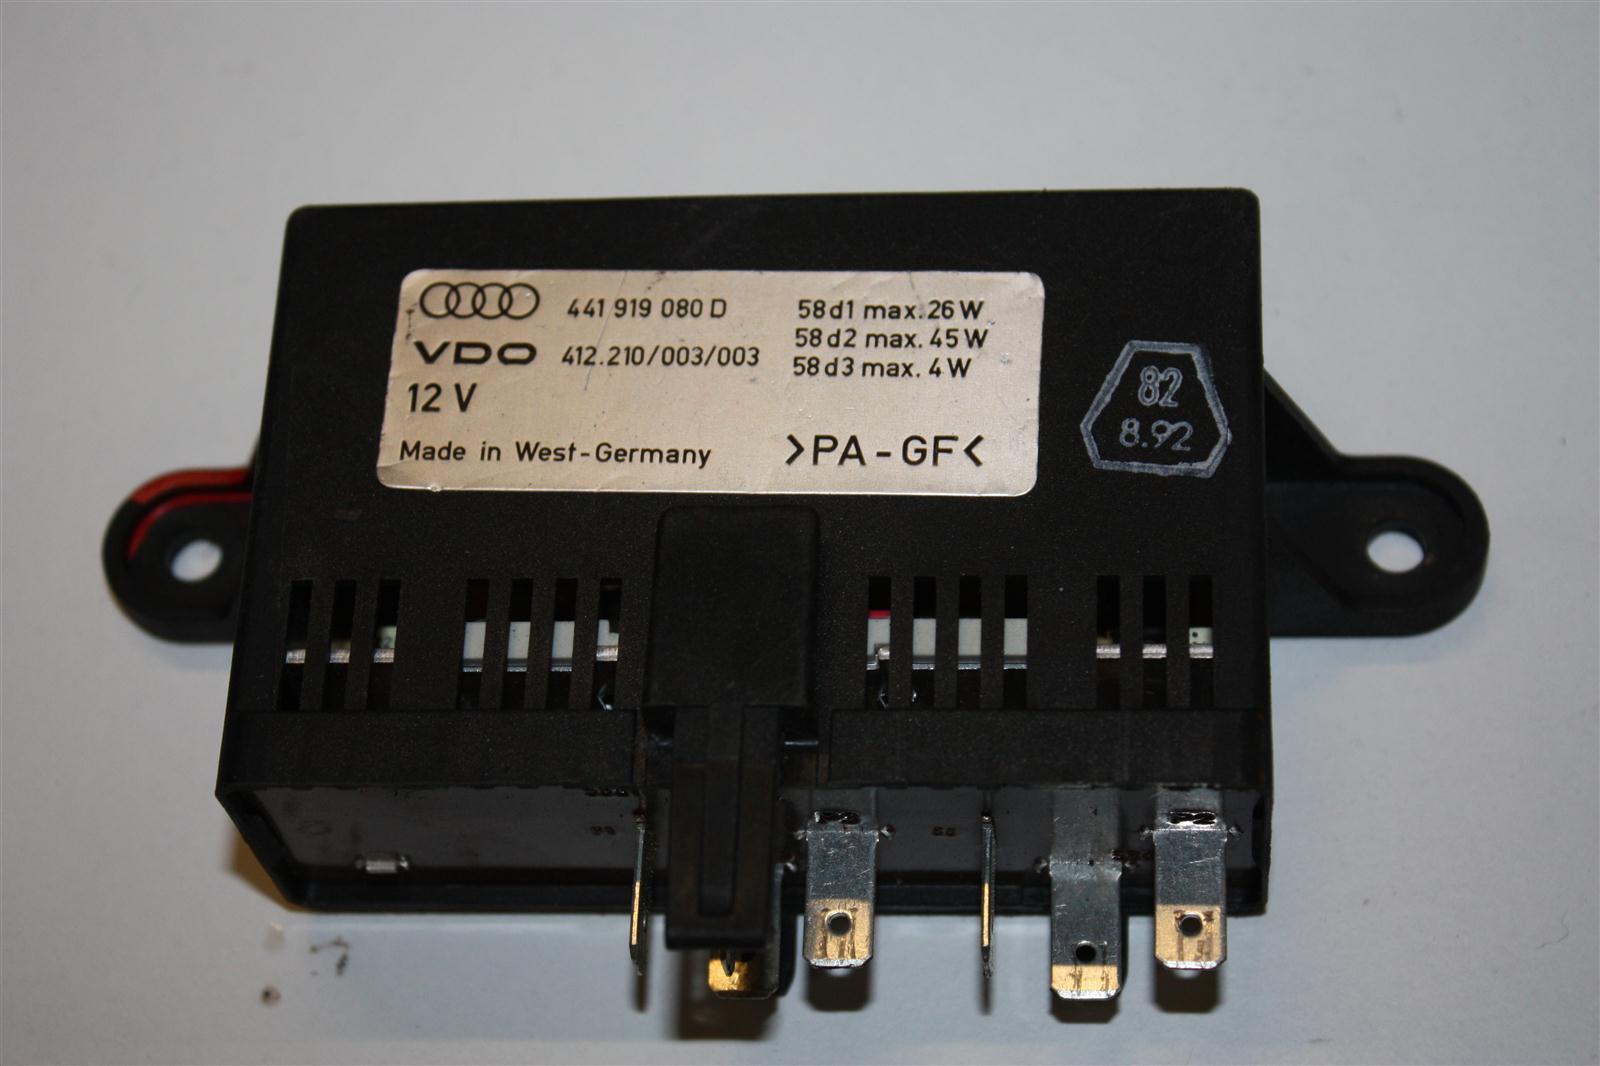 Audi/VW V8 D11 Relais Verstärker Instrumentenbeleuchtung 441919080D